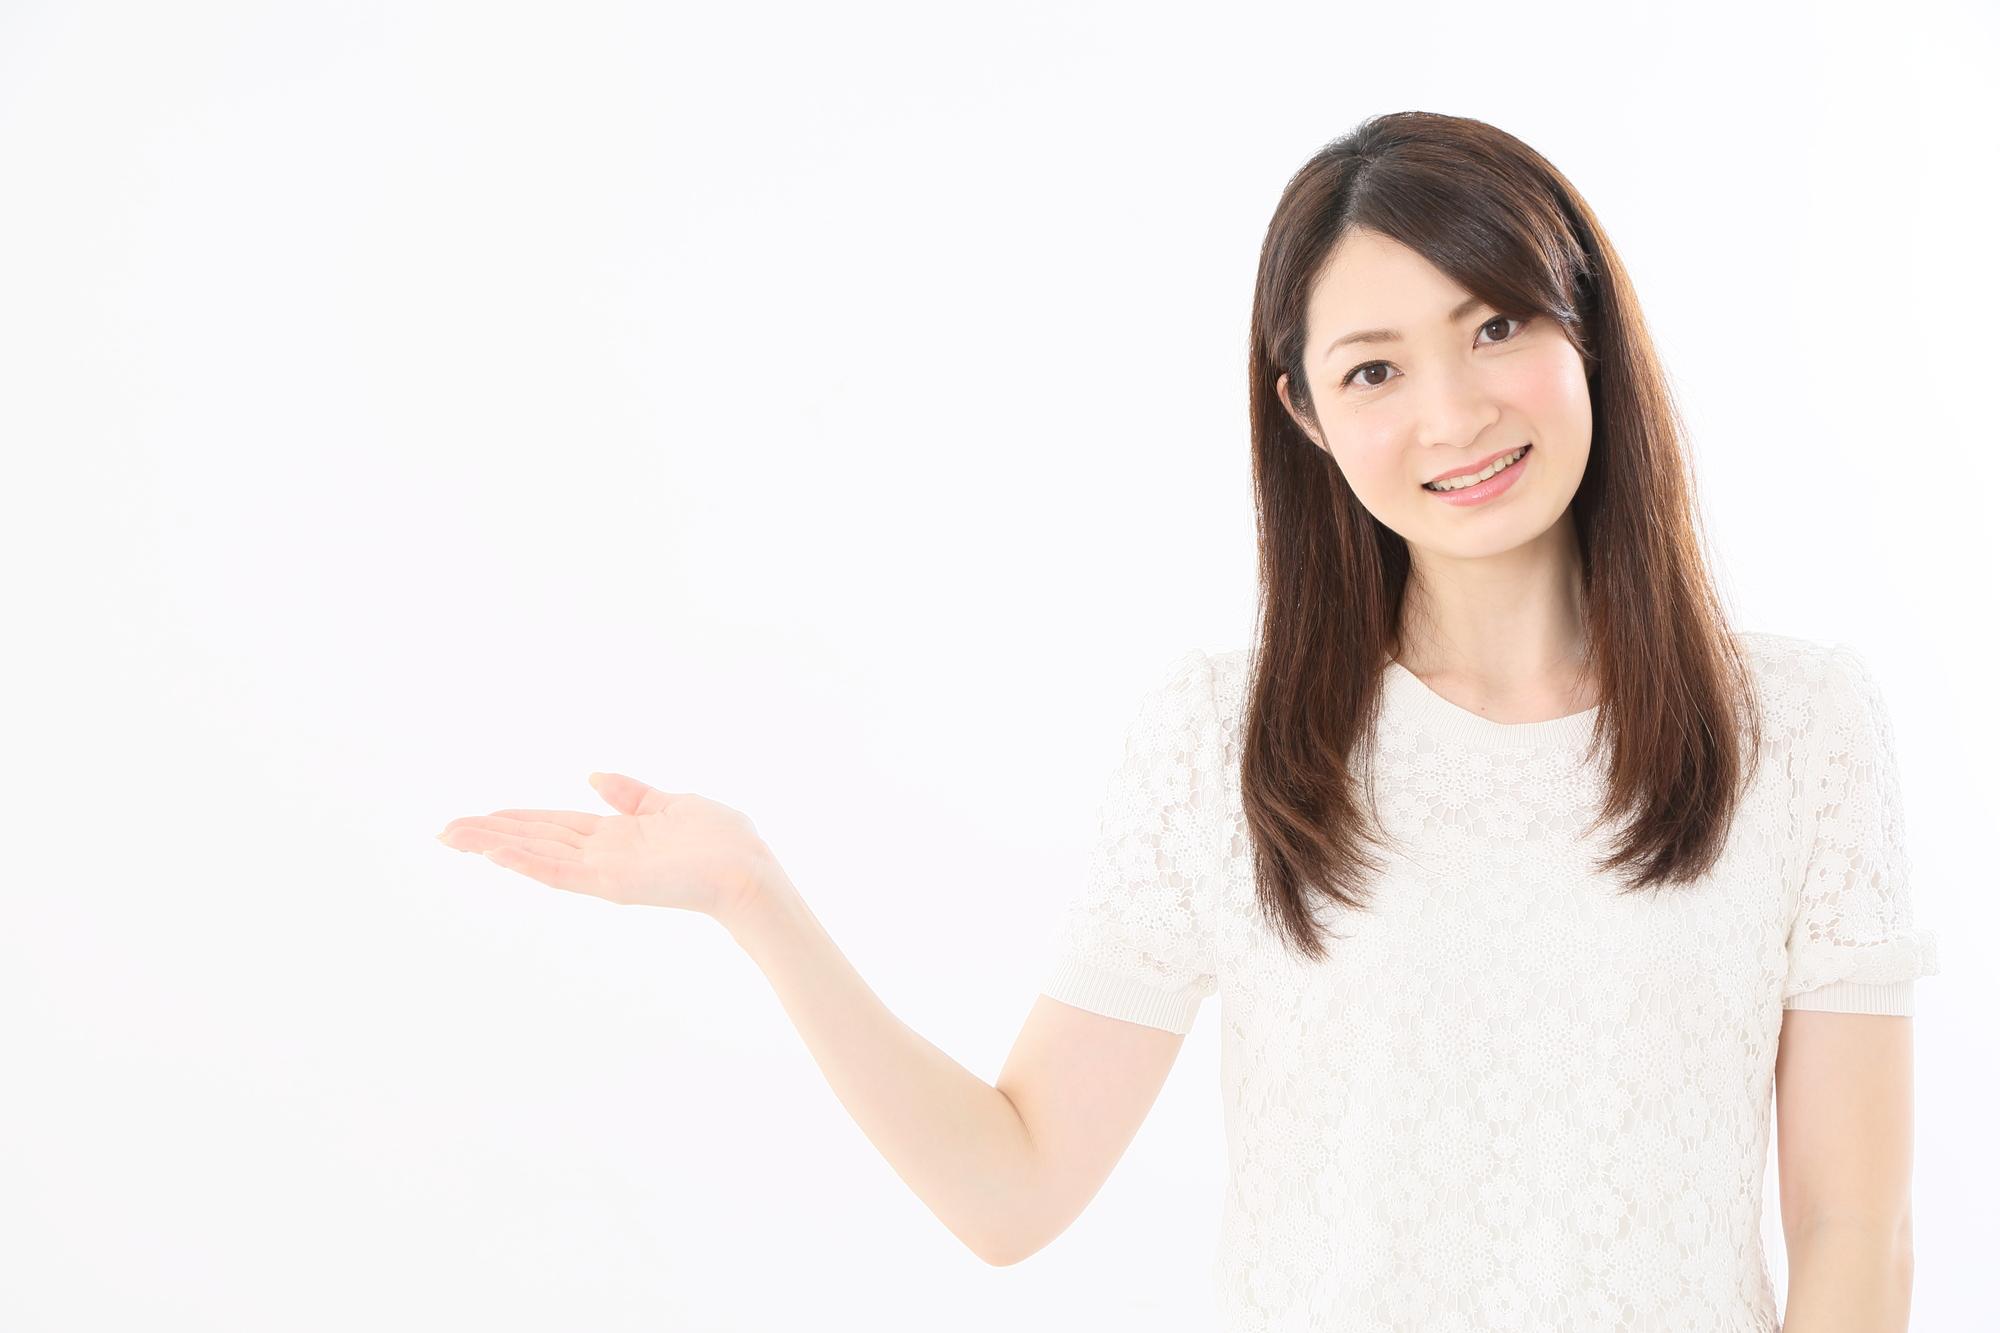 妊娠中にヨガをするメリットを紹介する女性